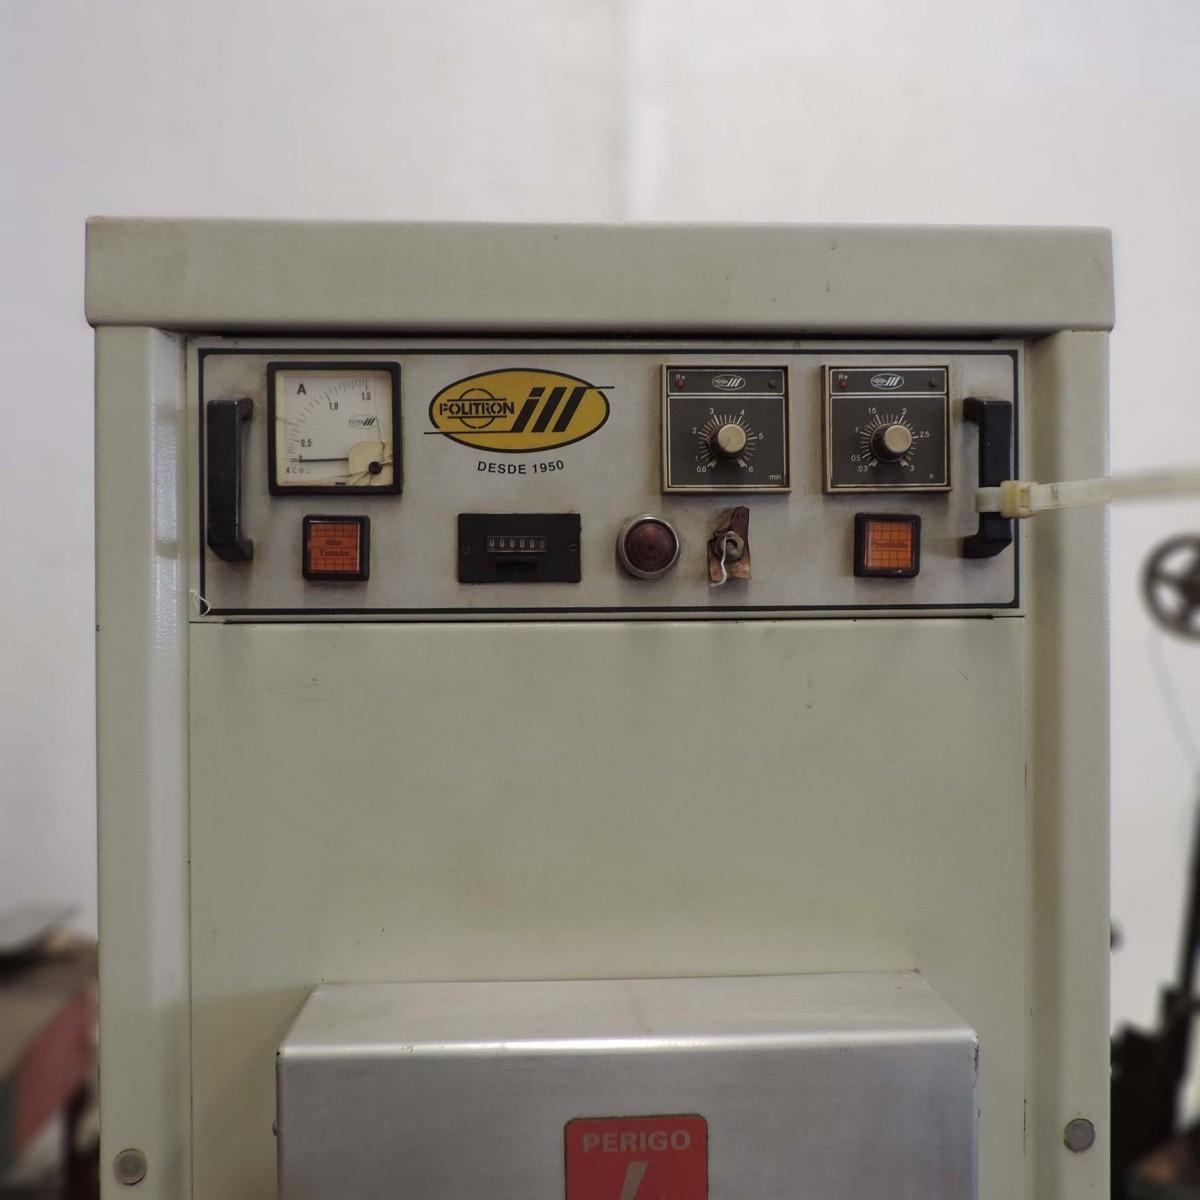 Equipamento De Alta Frequência Politron - RS18 - Usado